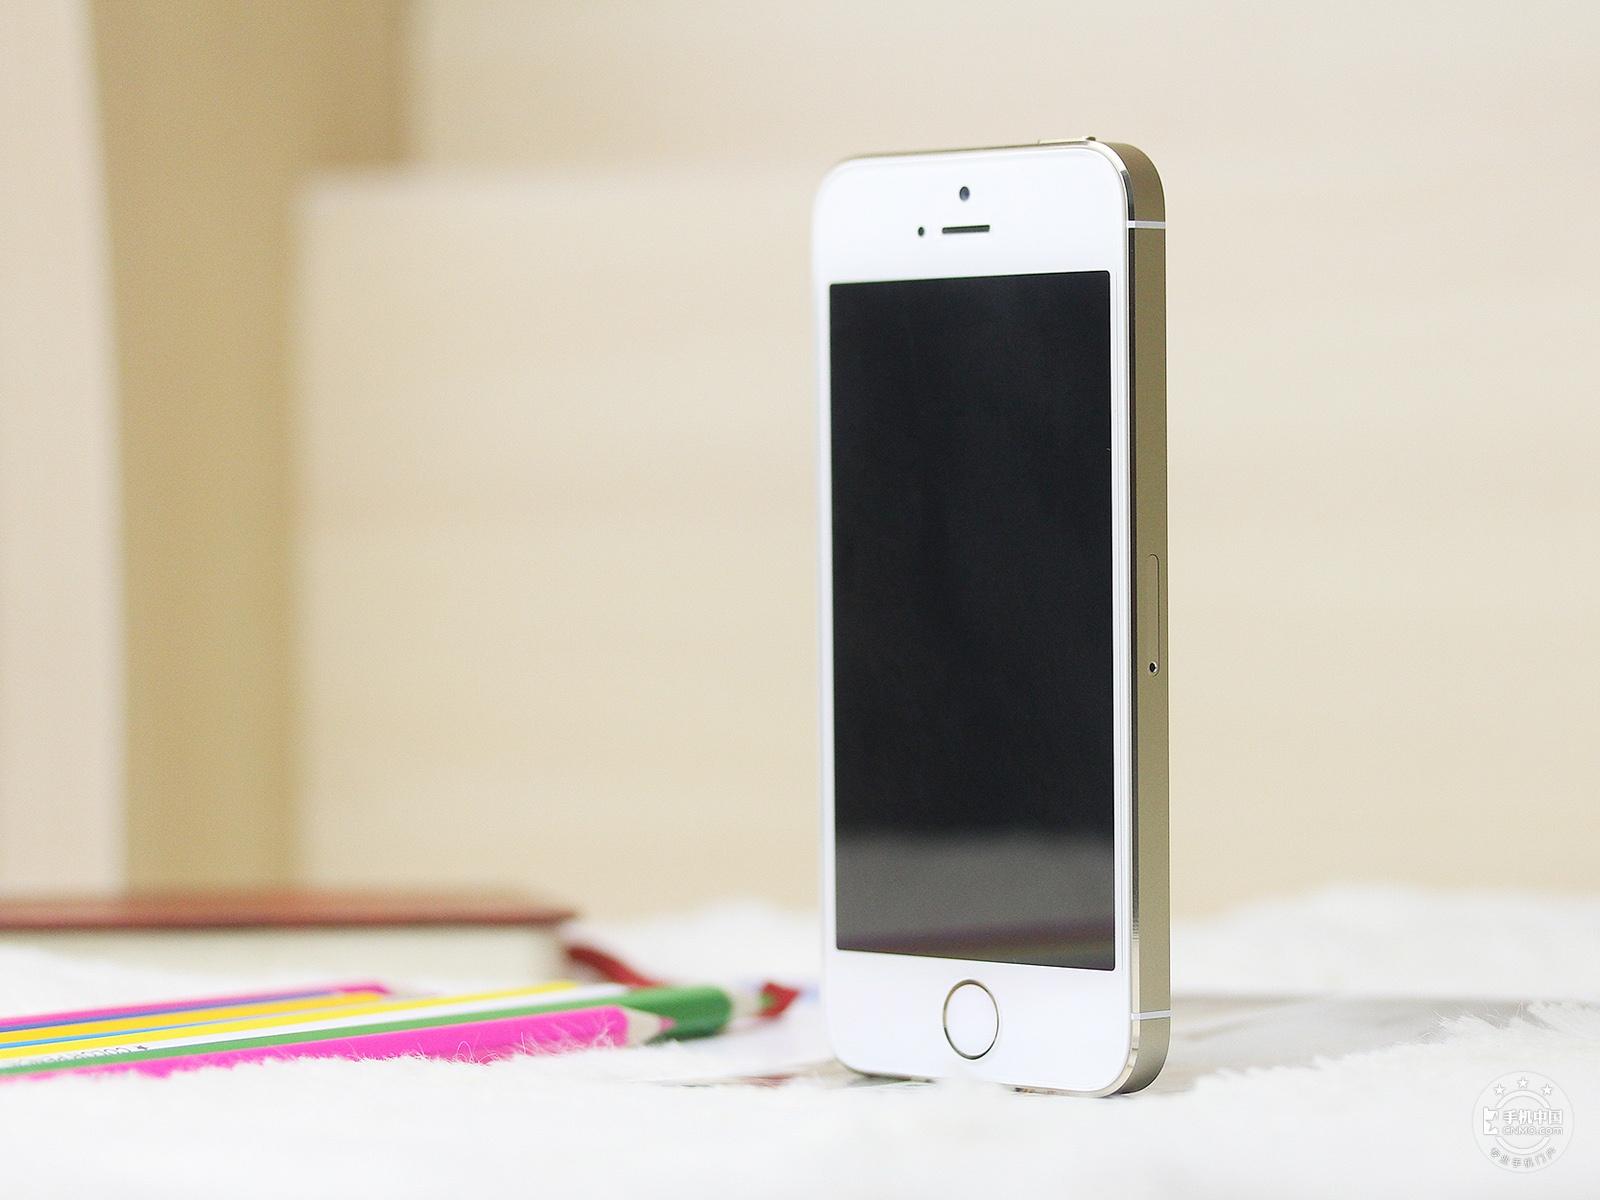 苹果iPhone5s(16GB)整体外观第2张